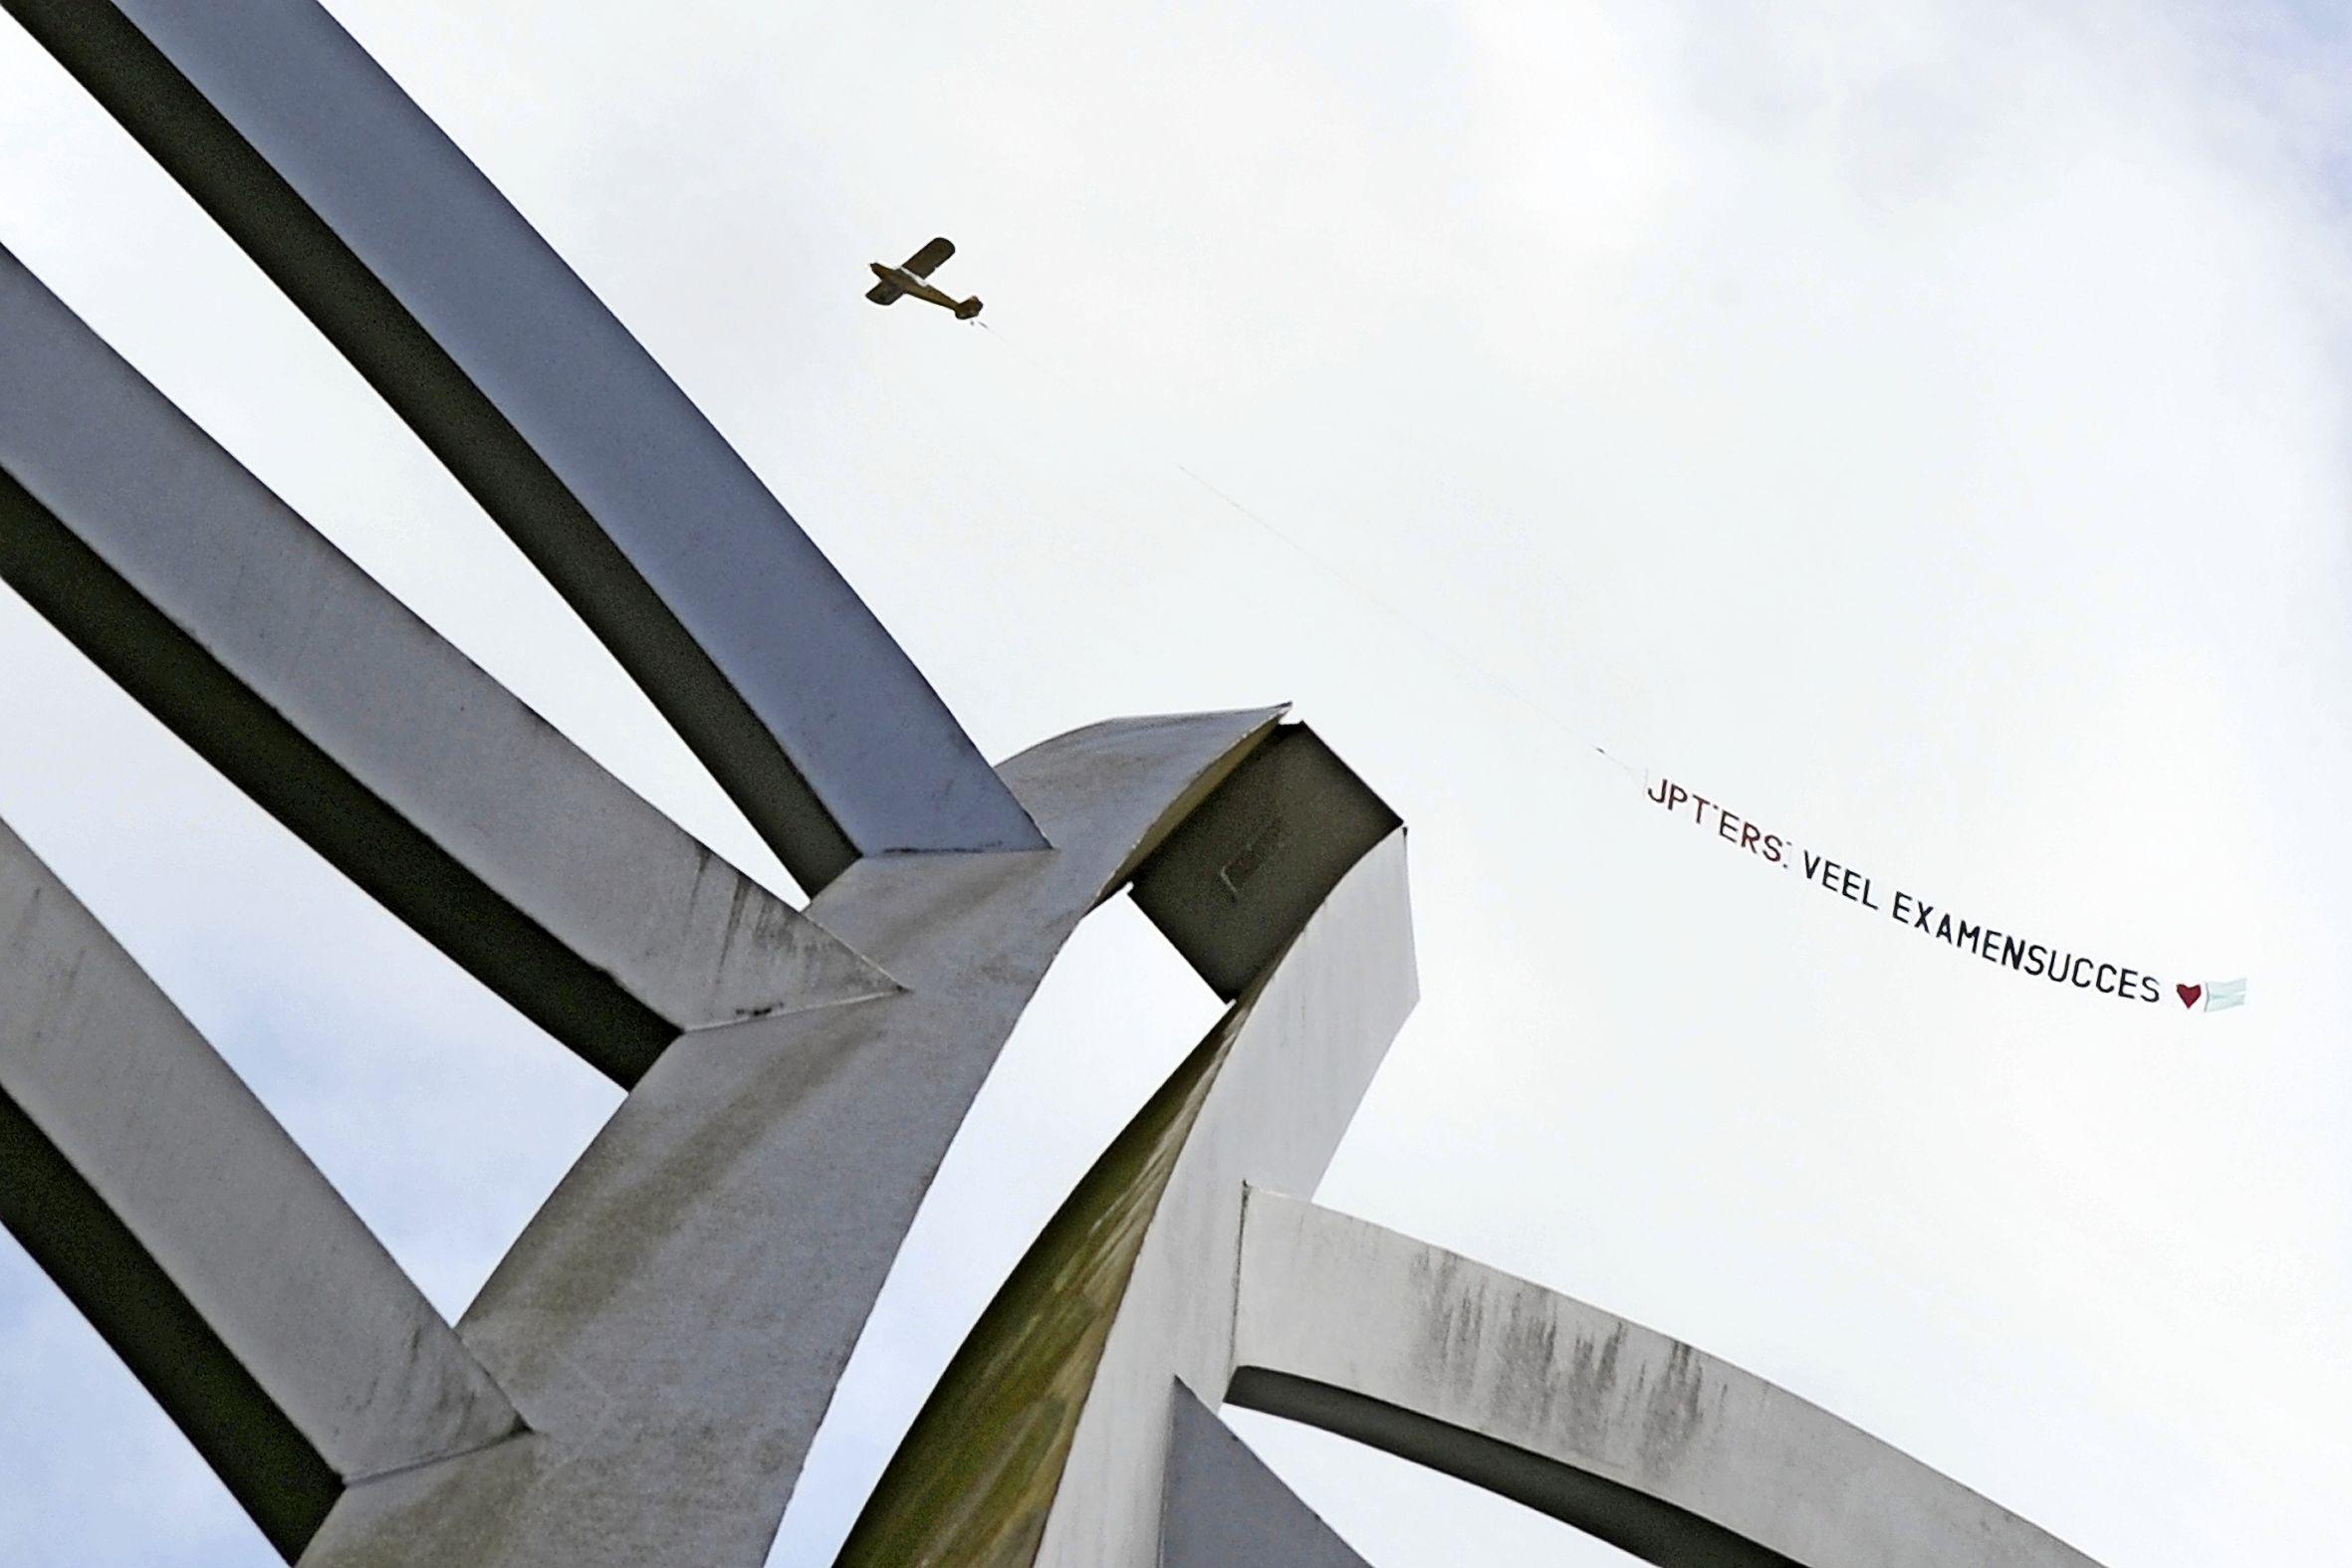 Vliegtuigje boven Kennemerland wenst leerlingen succes: 'examenstunt' geslaagd